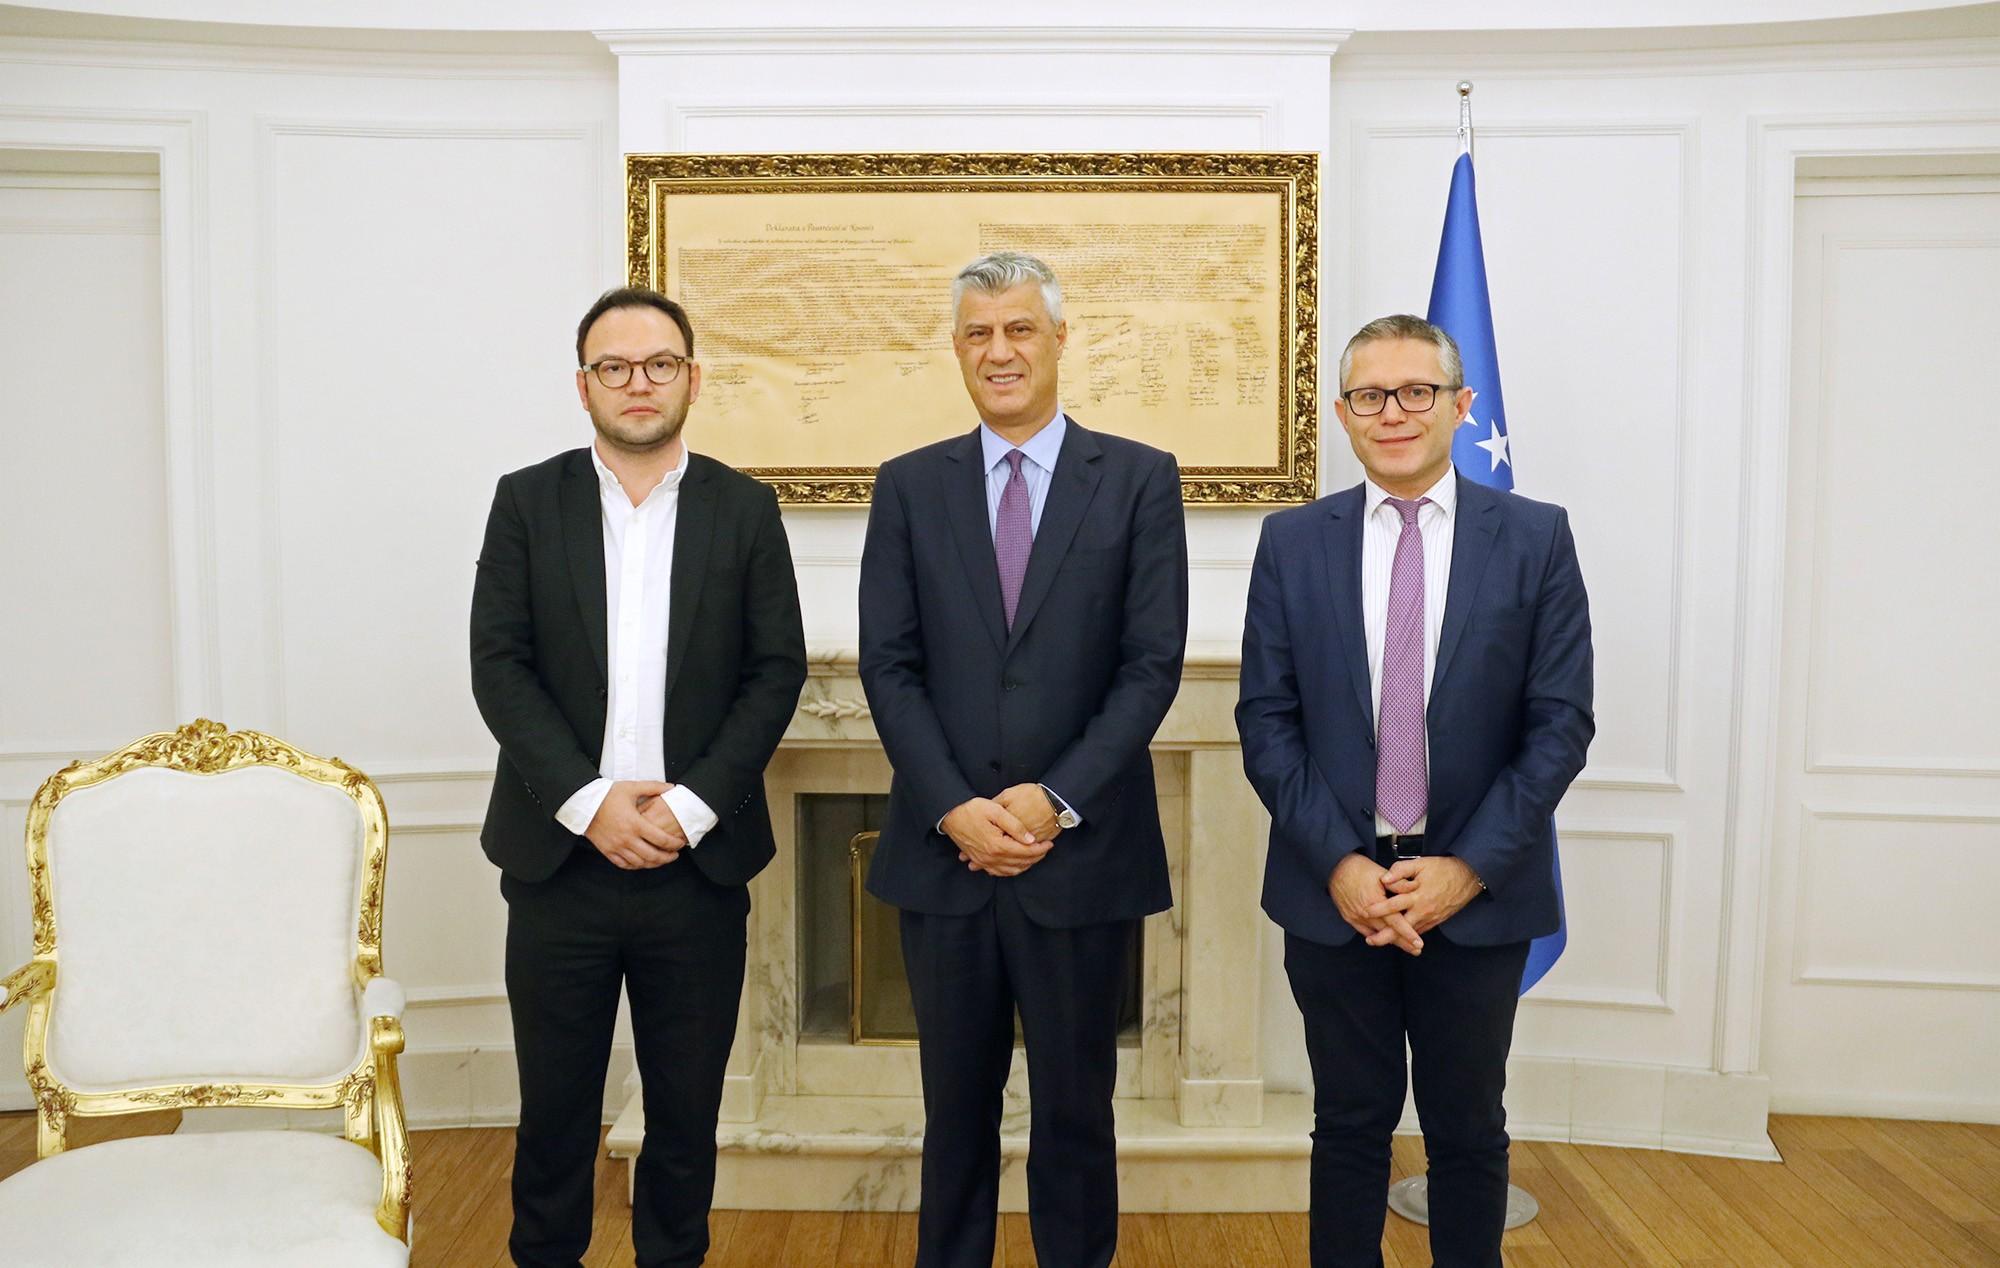 Predsednik i premijer Kosova, Thaci i Haradinaj, imenovali direktora i generalnog inspektora KIA